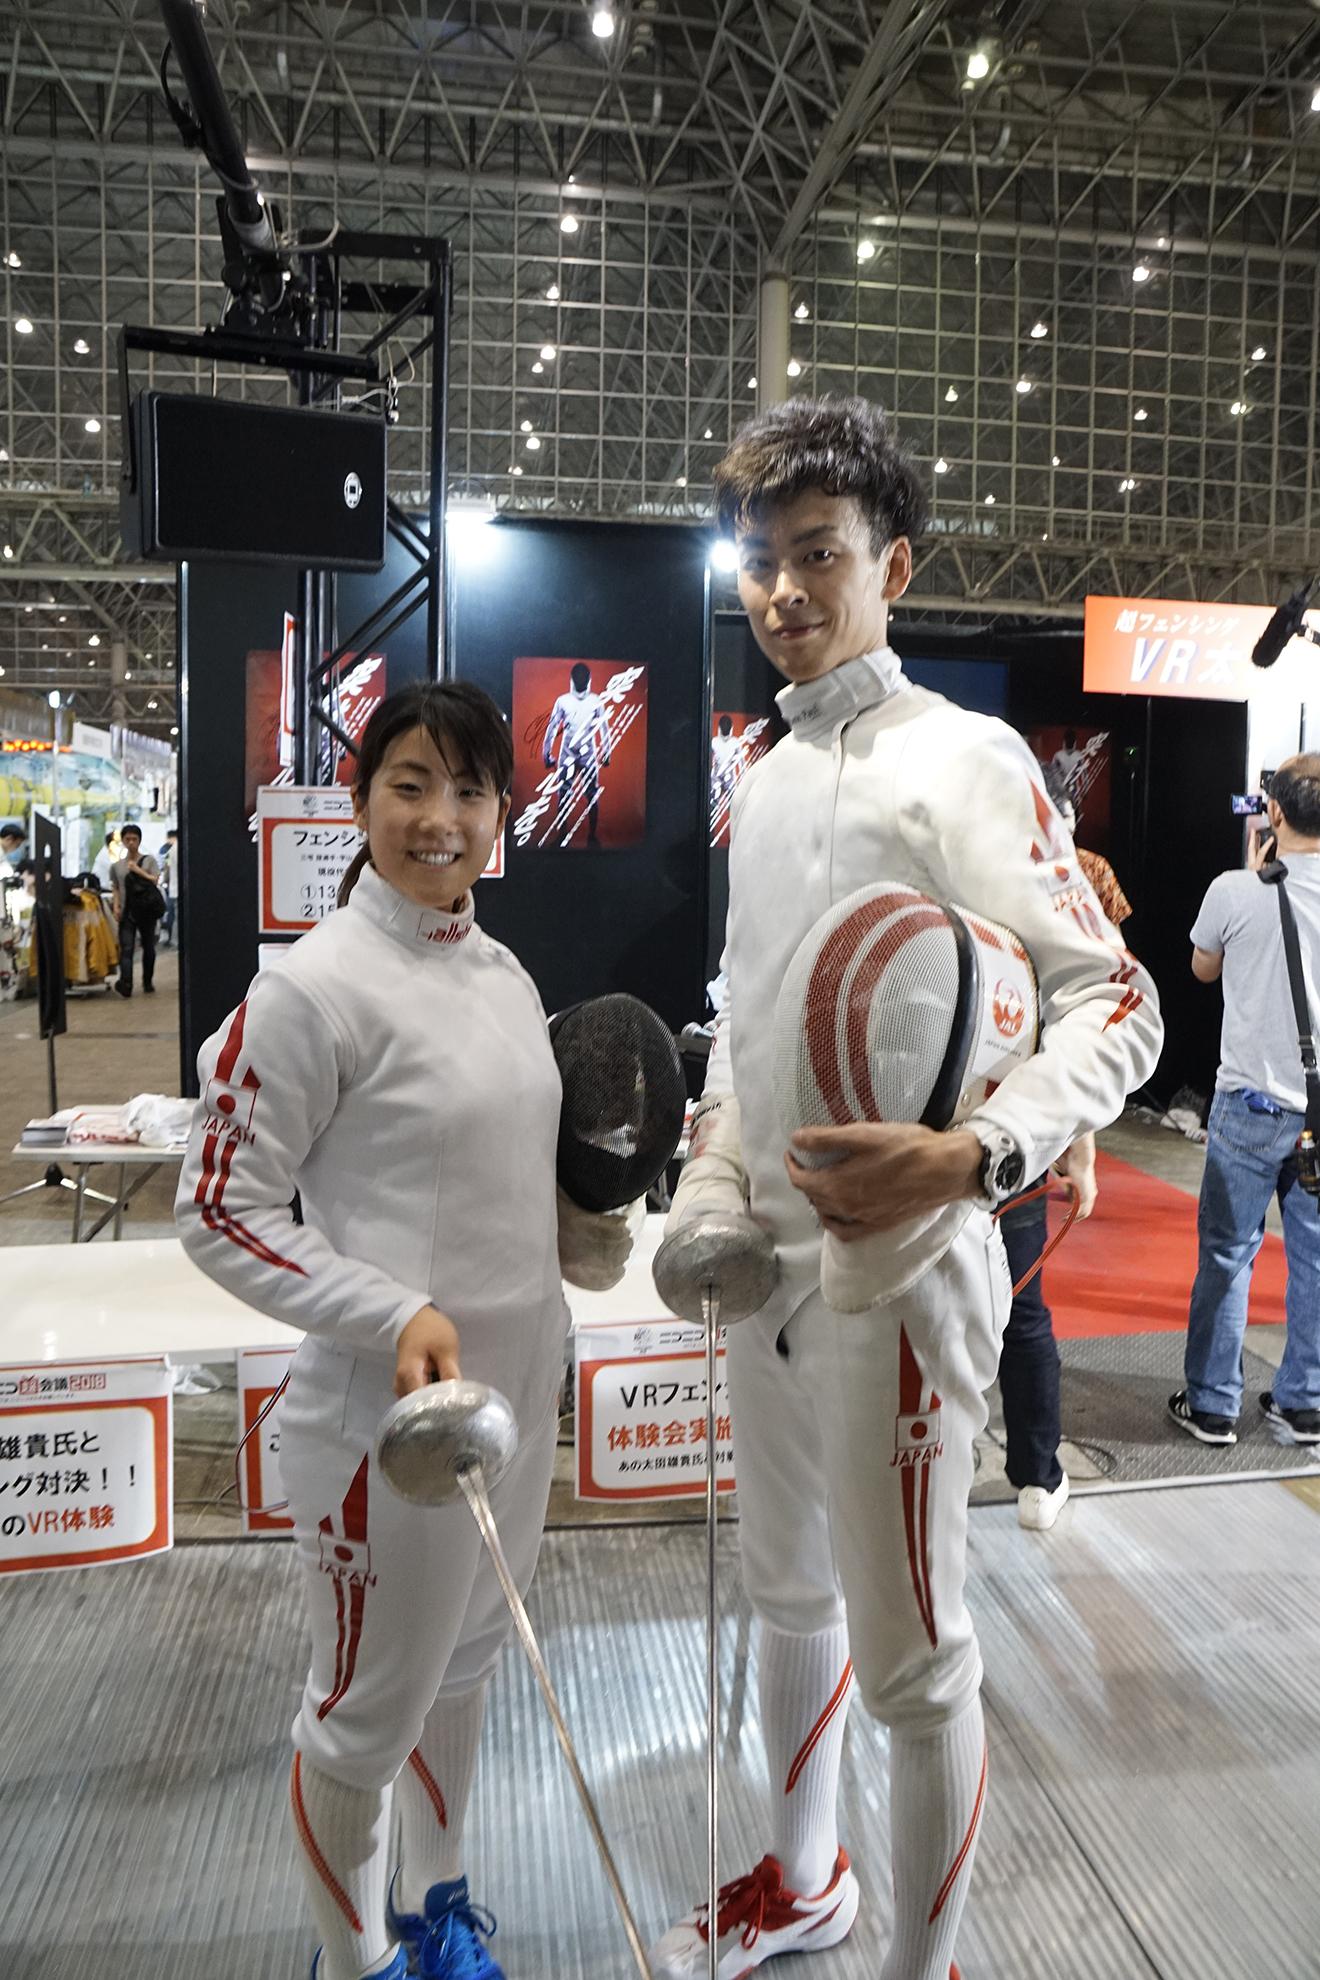 超フェンシング2日目レポート!【ニコニコ超会議2018 Report】20180508